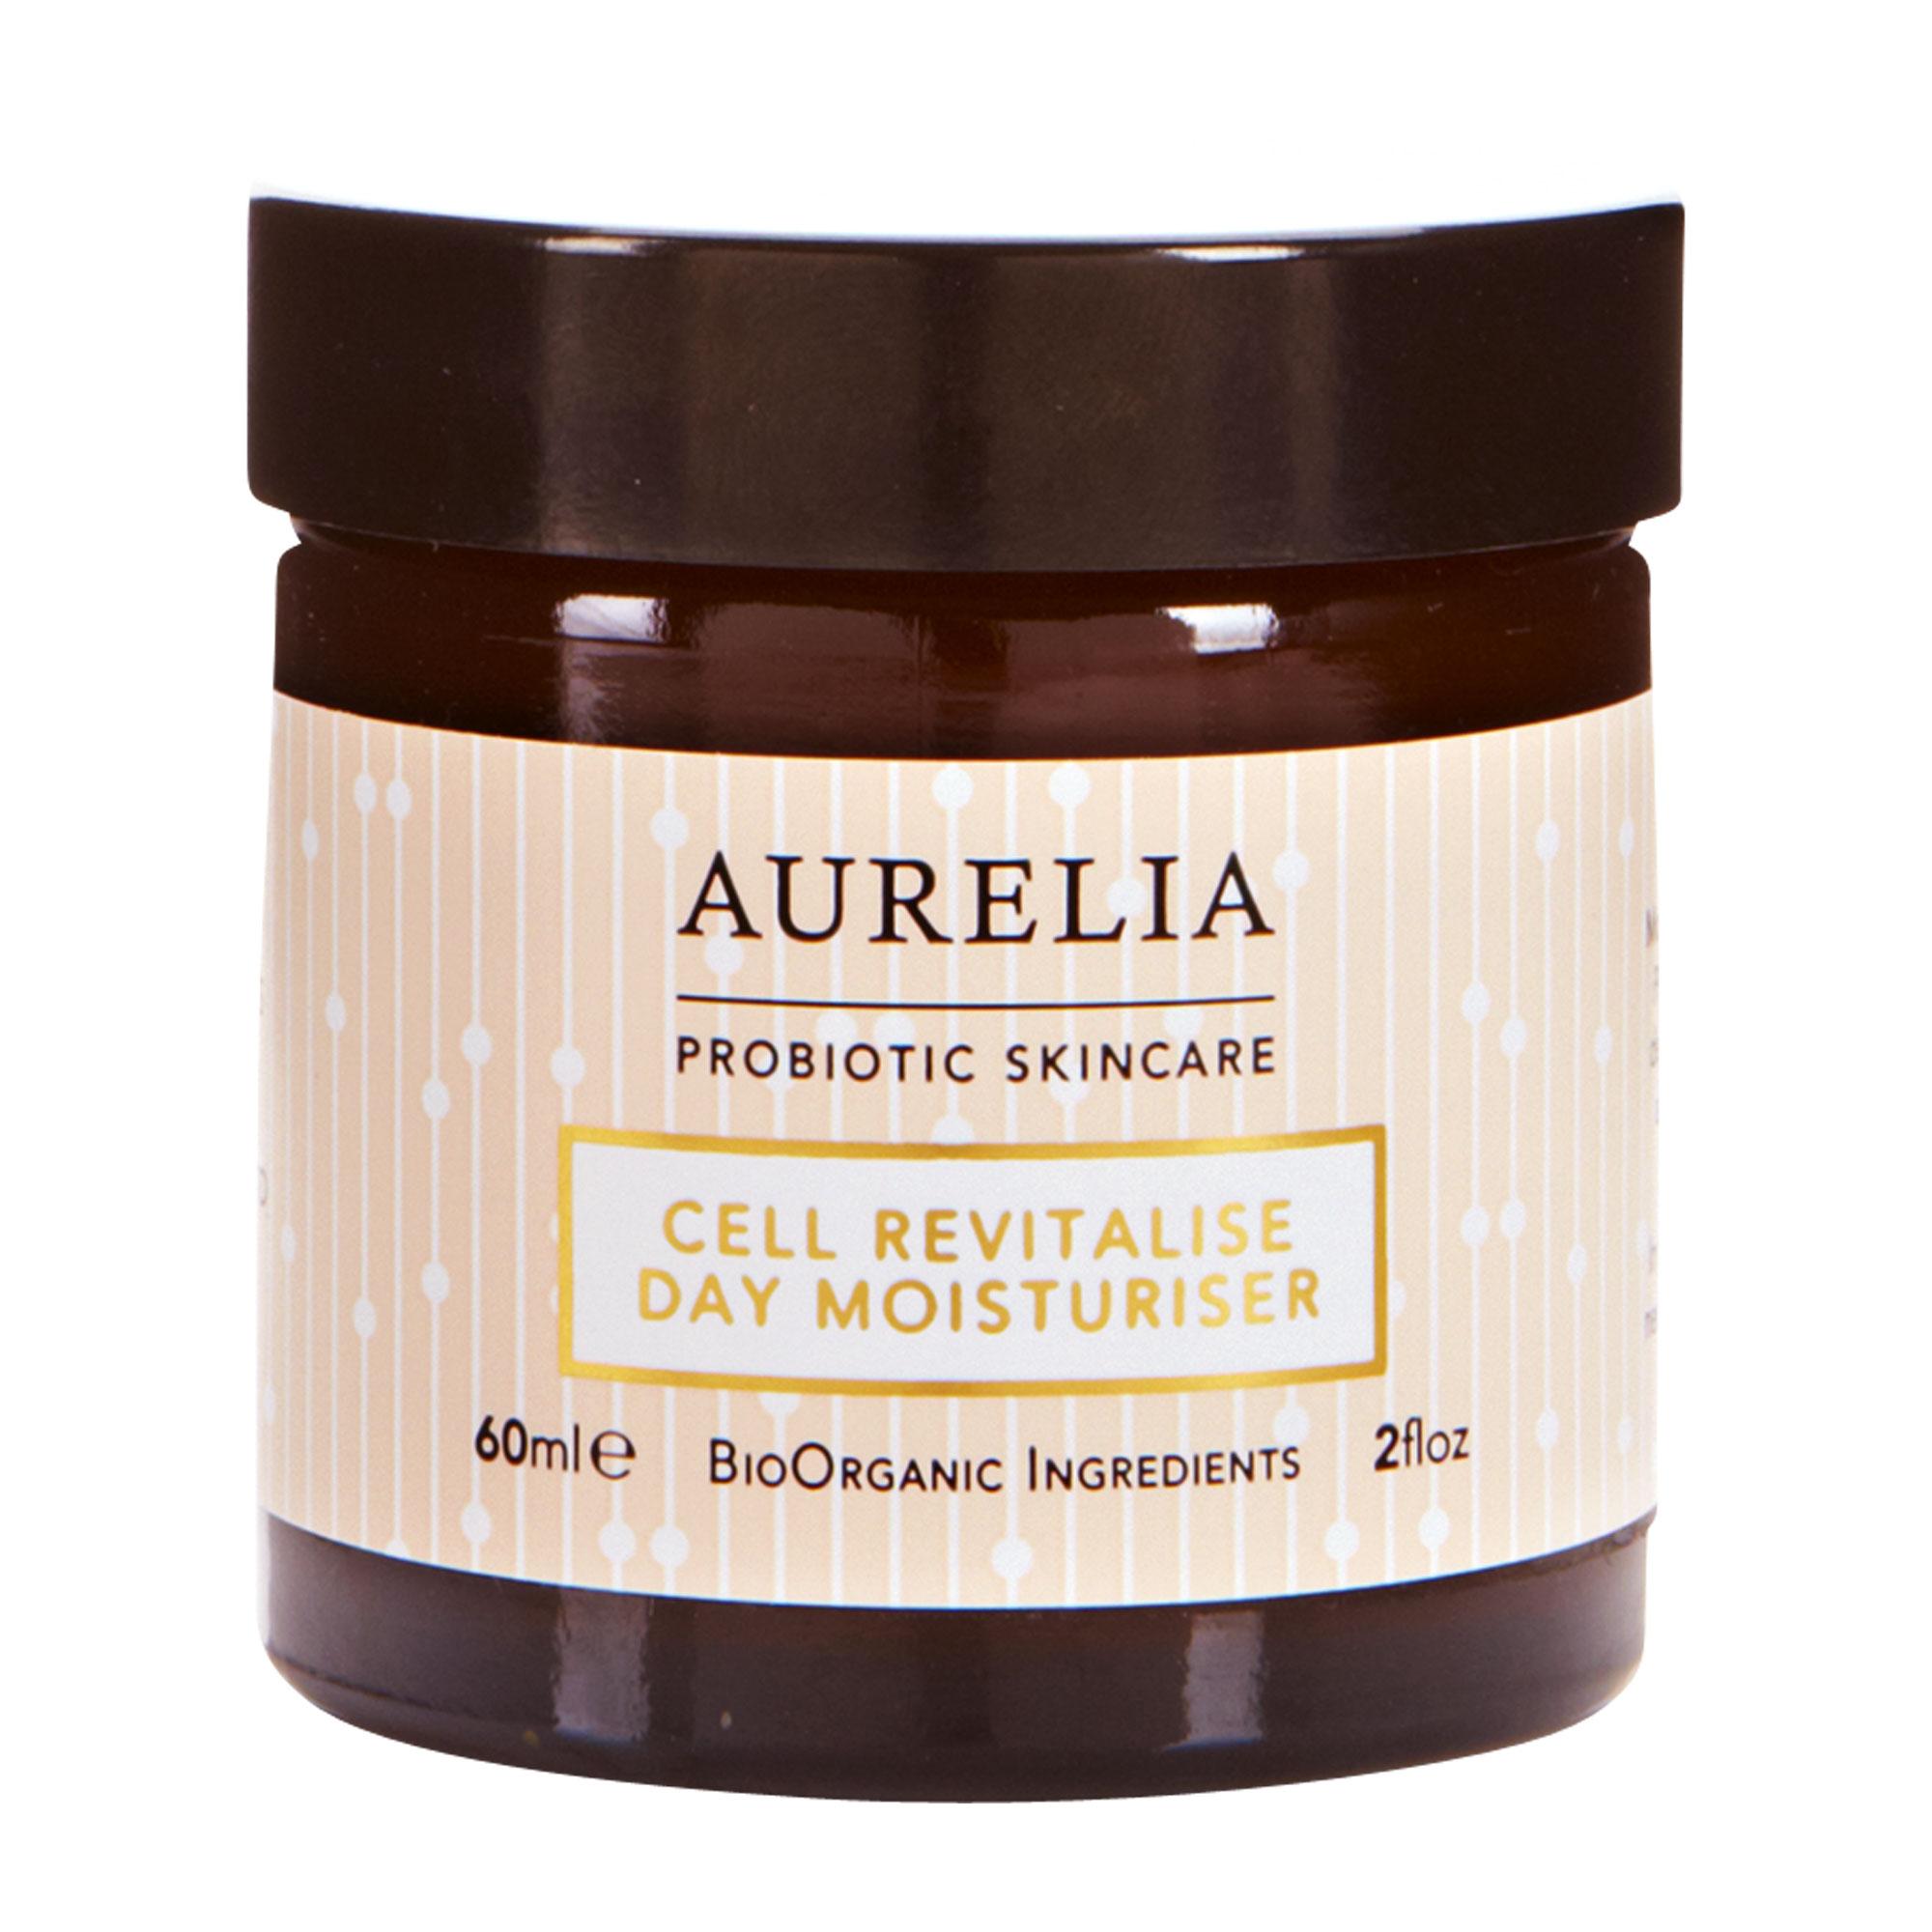 Aurelia Cell Revitalise Day Moisturiser, 60 ml